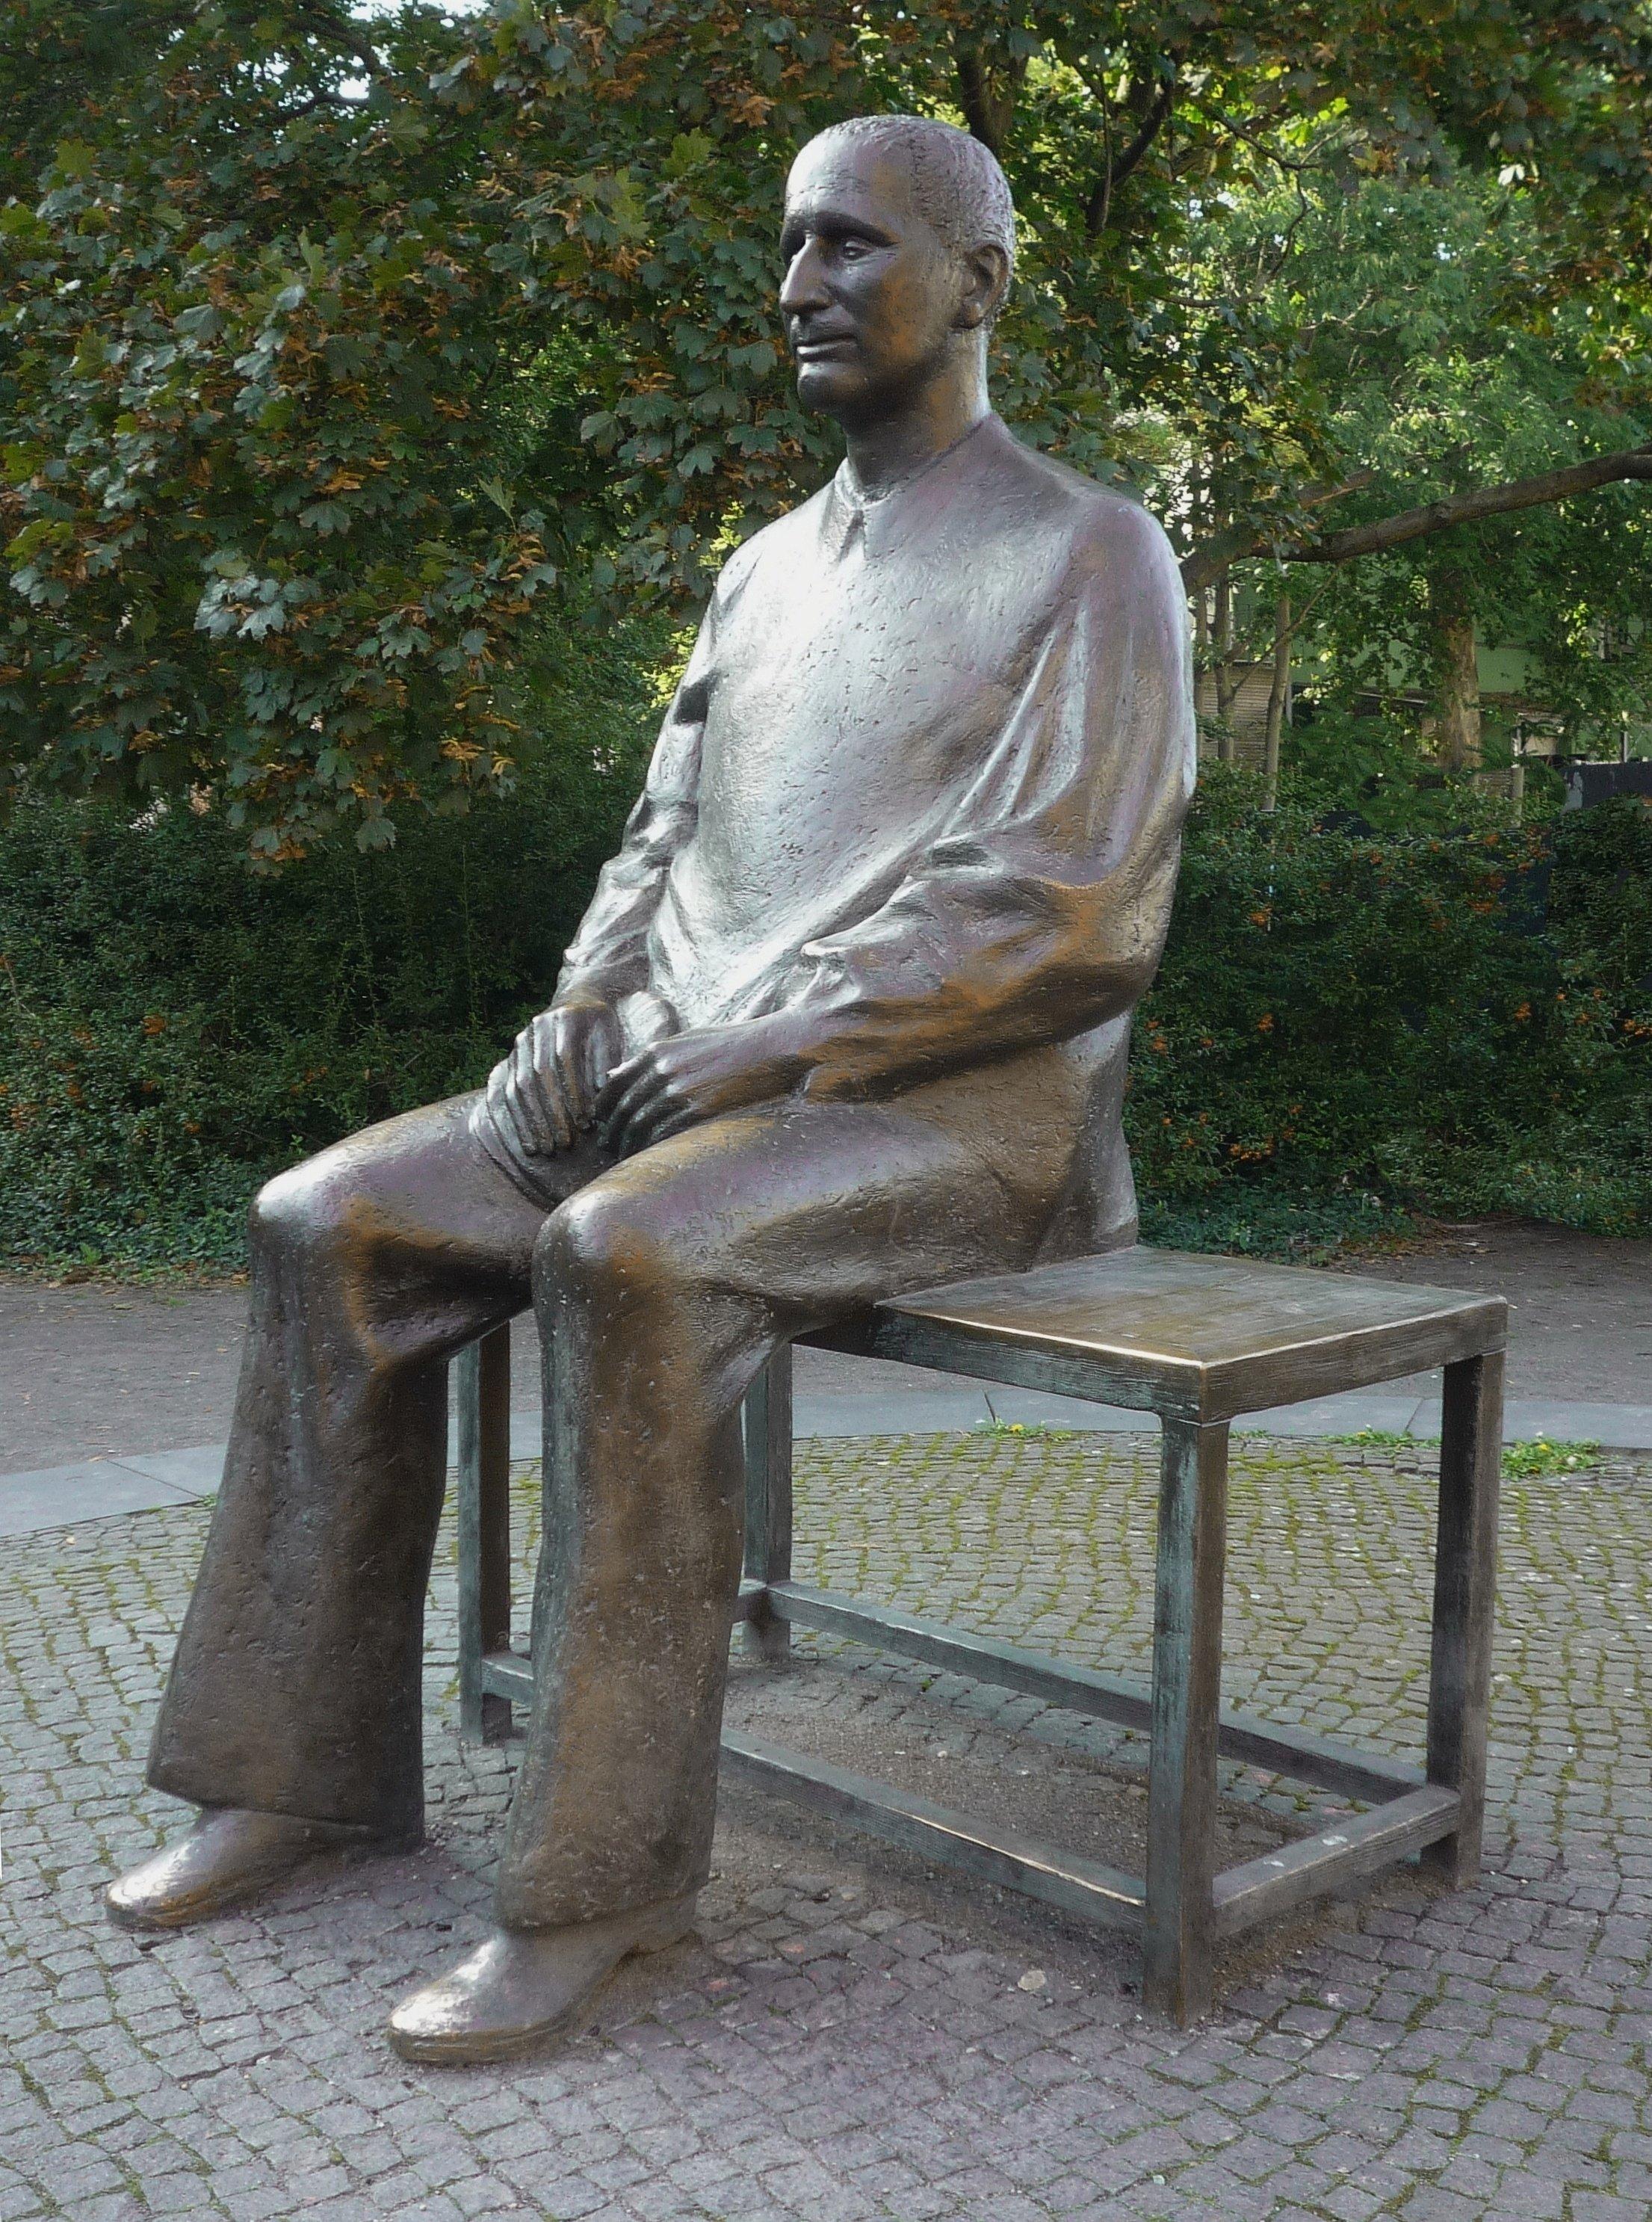 p8-9_Conklin_Bertolt-Brecht-sculpture.jpg